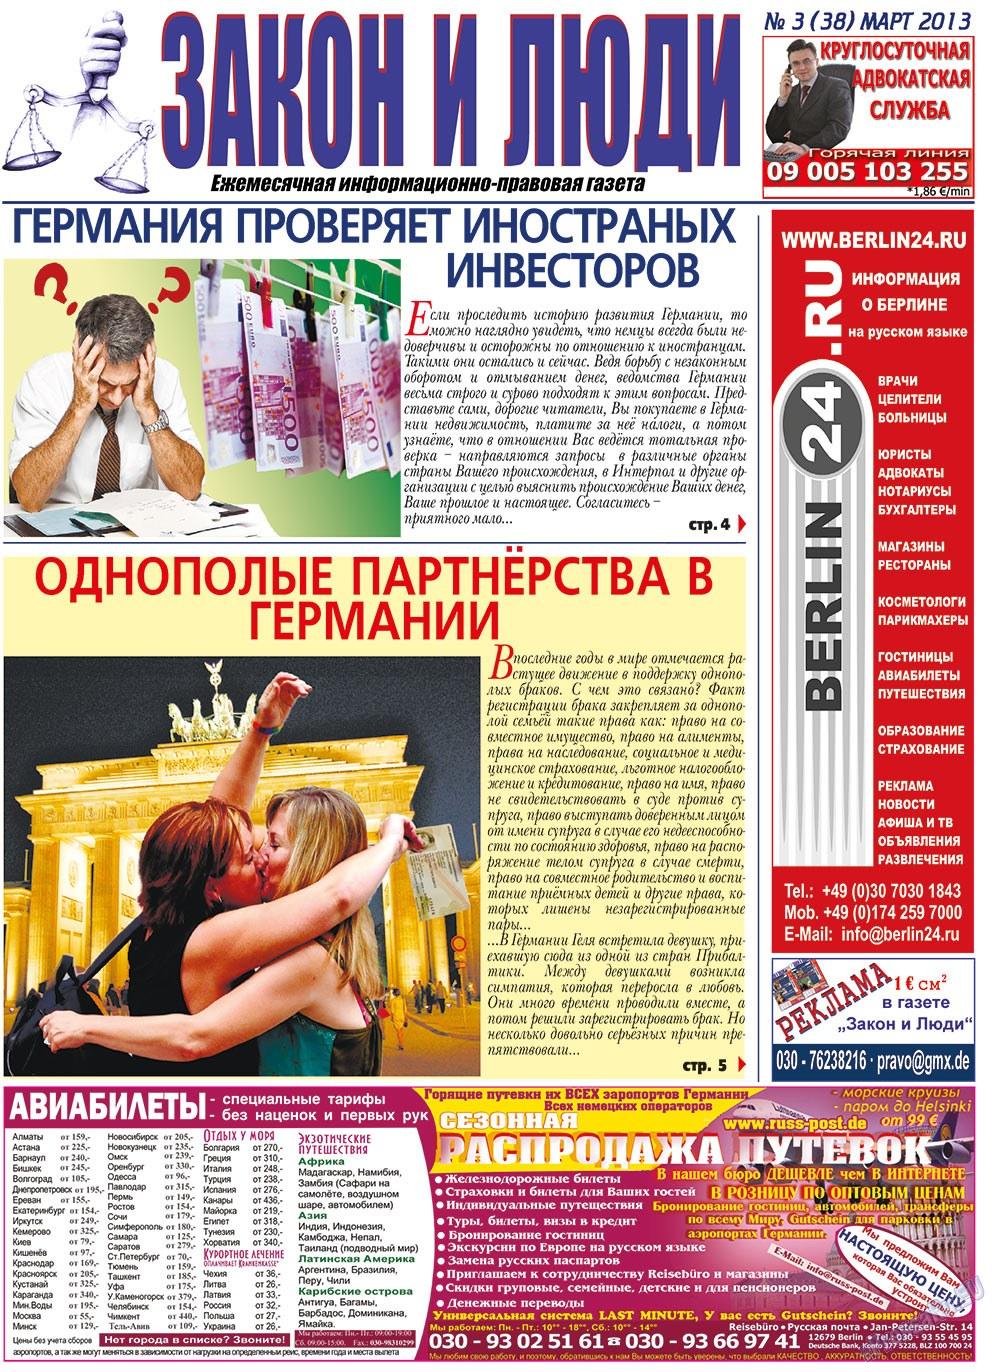 Закон и люди (газета). 2013 год, номер 3, стр. 1